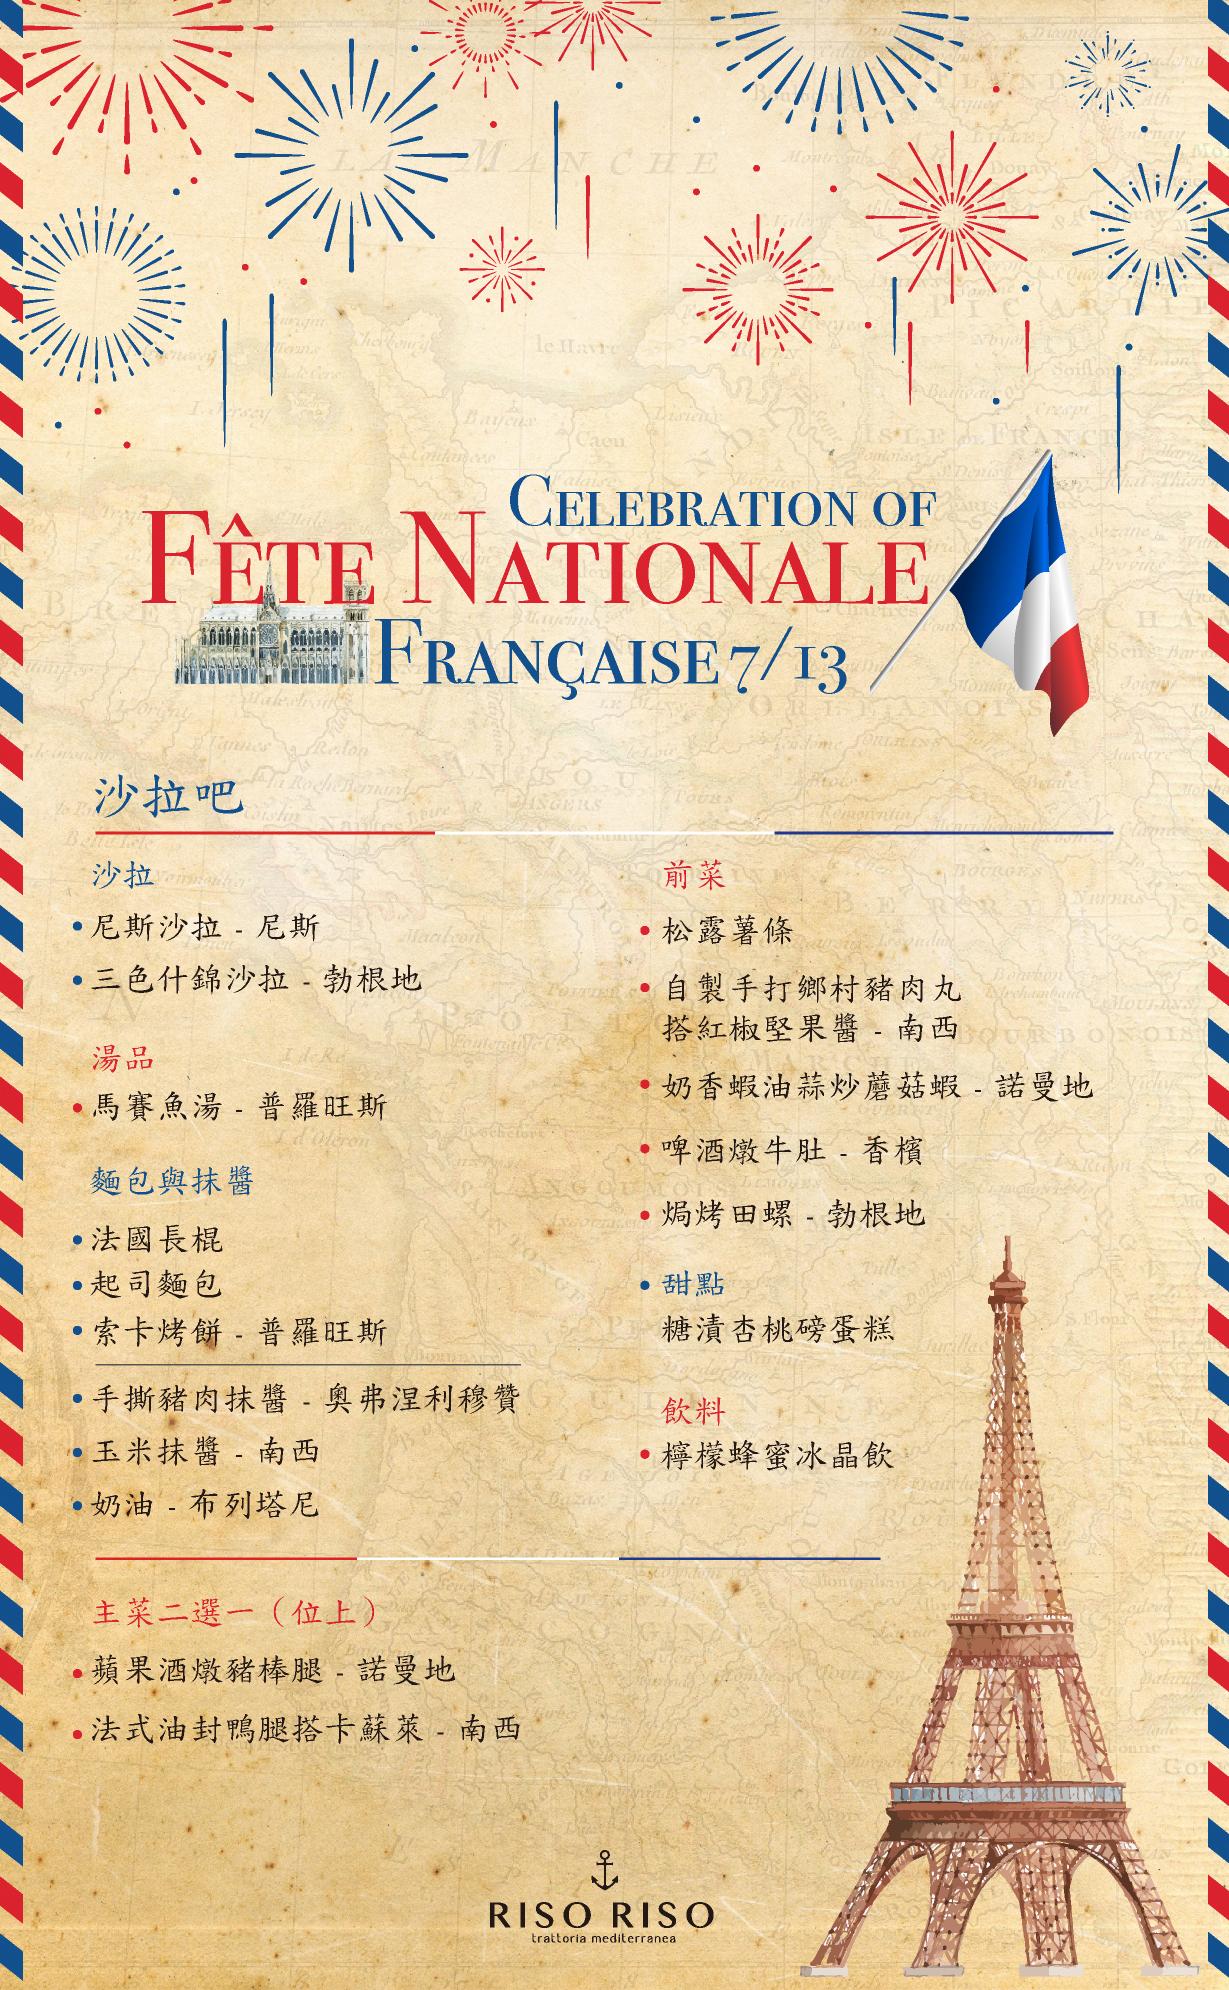 法國國慶menu.jpg